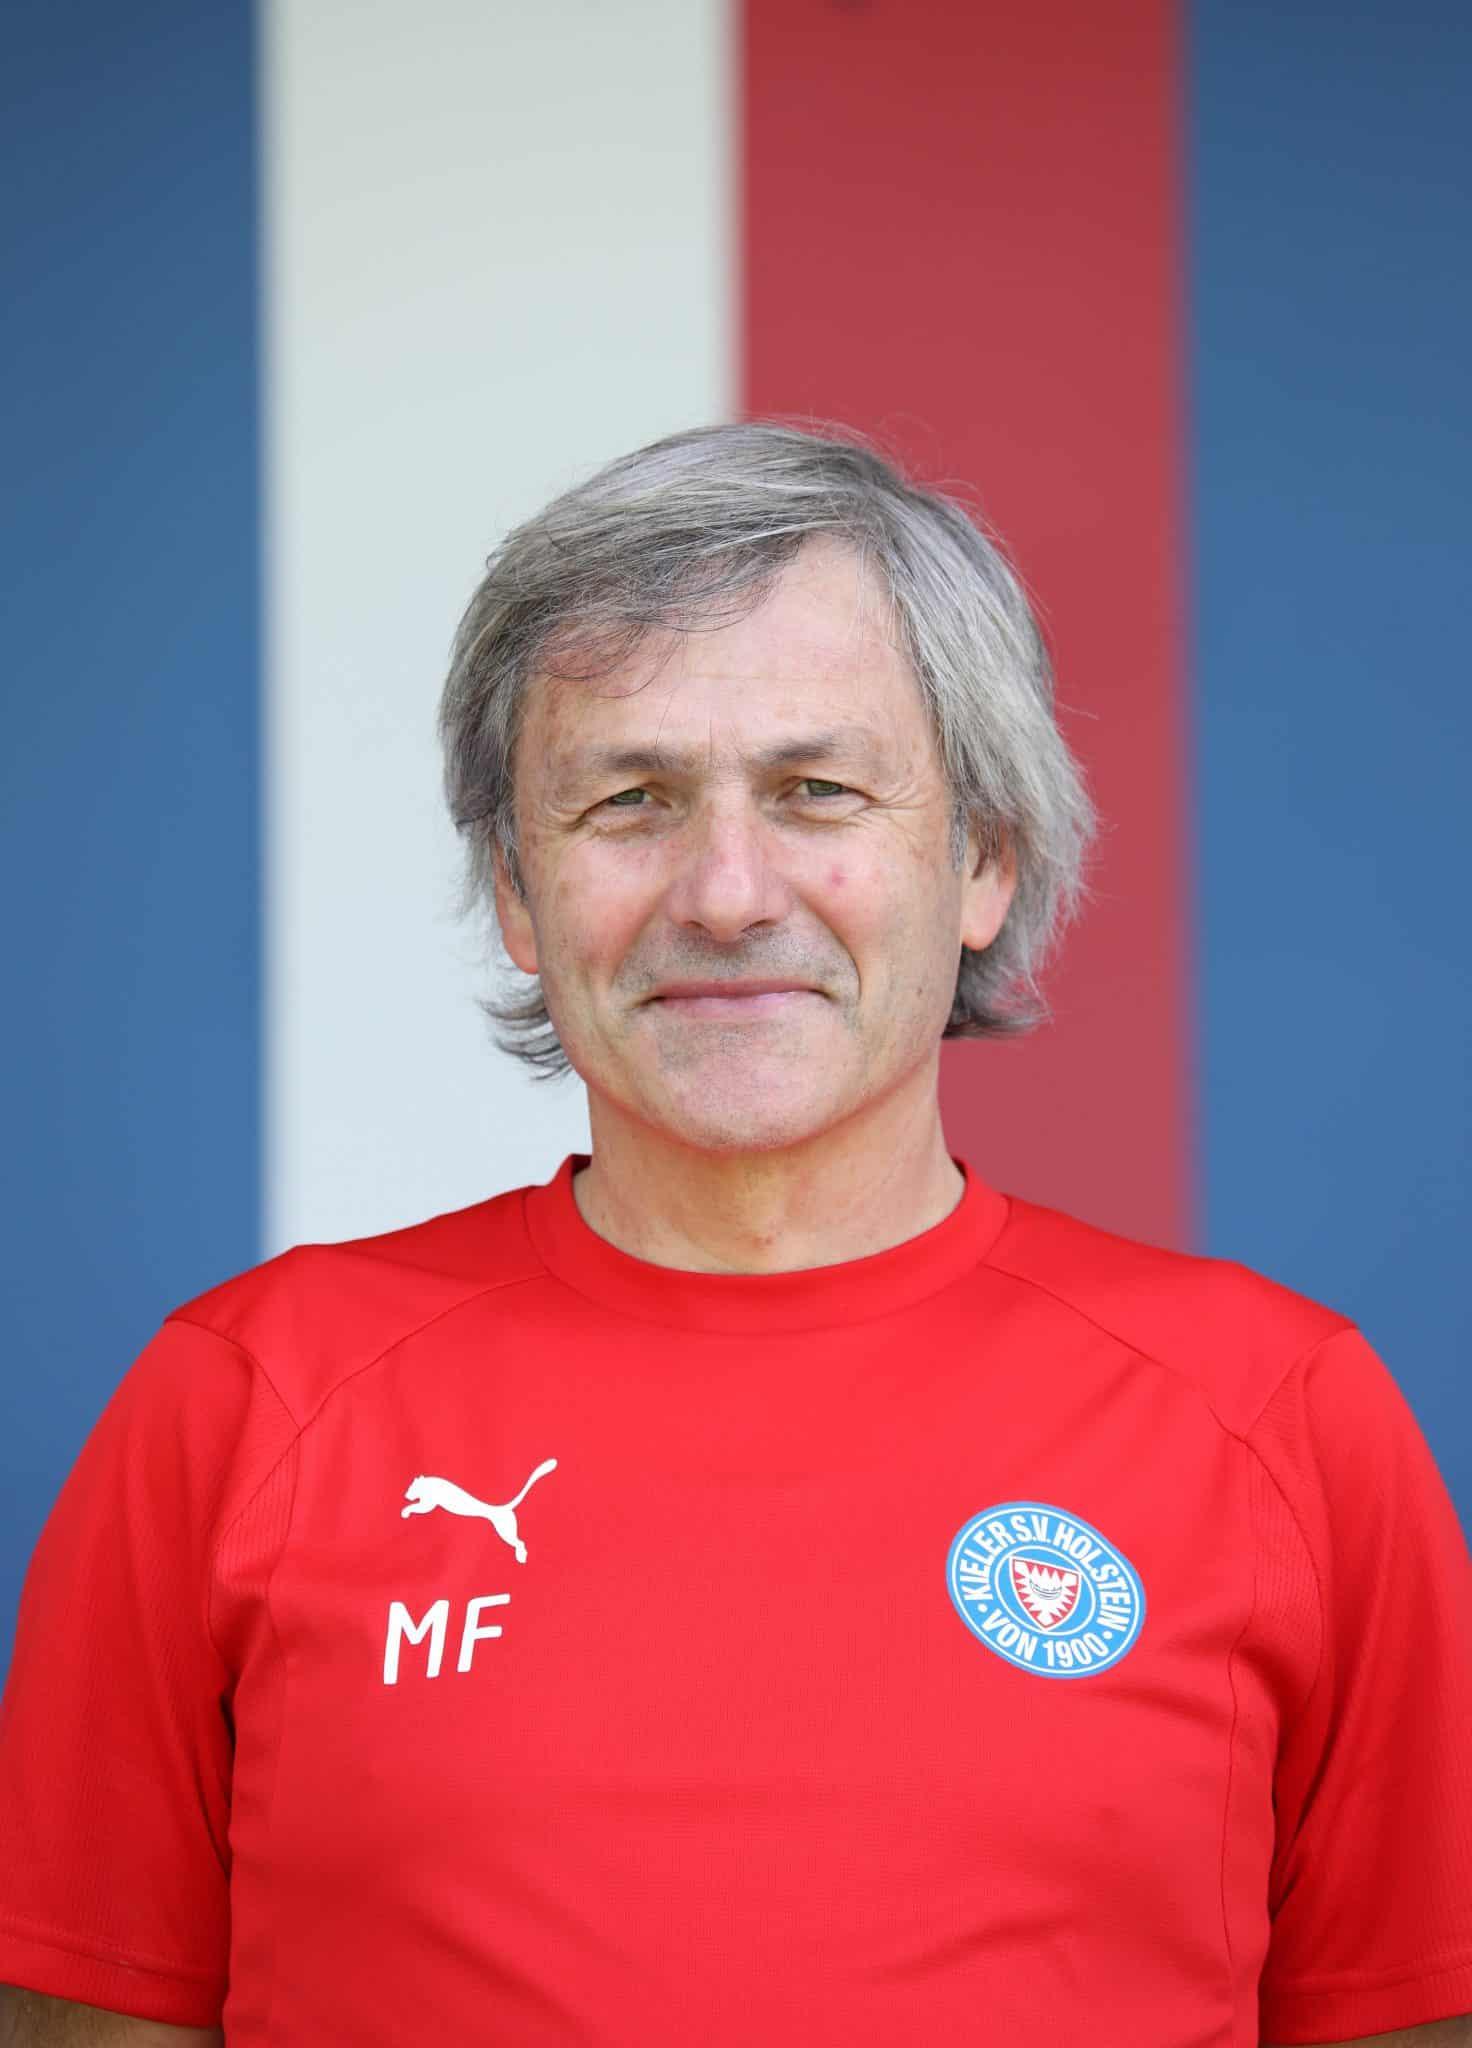 Mentaltrainer Mathias Fauth